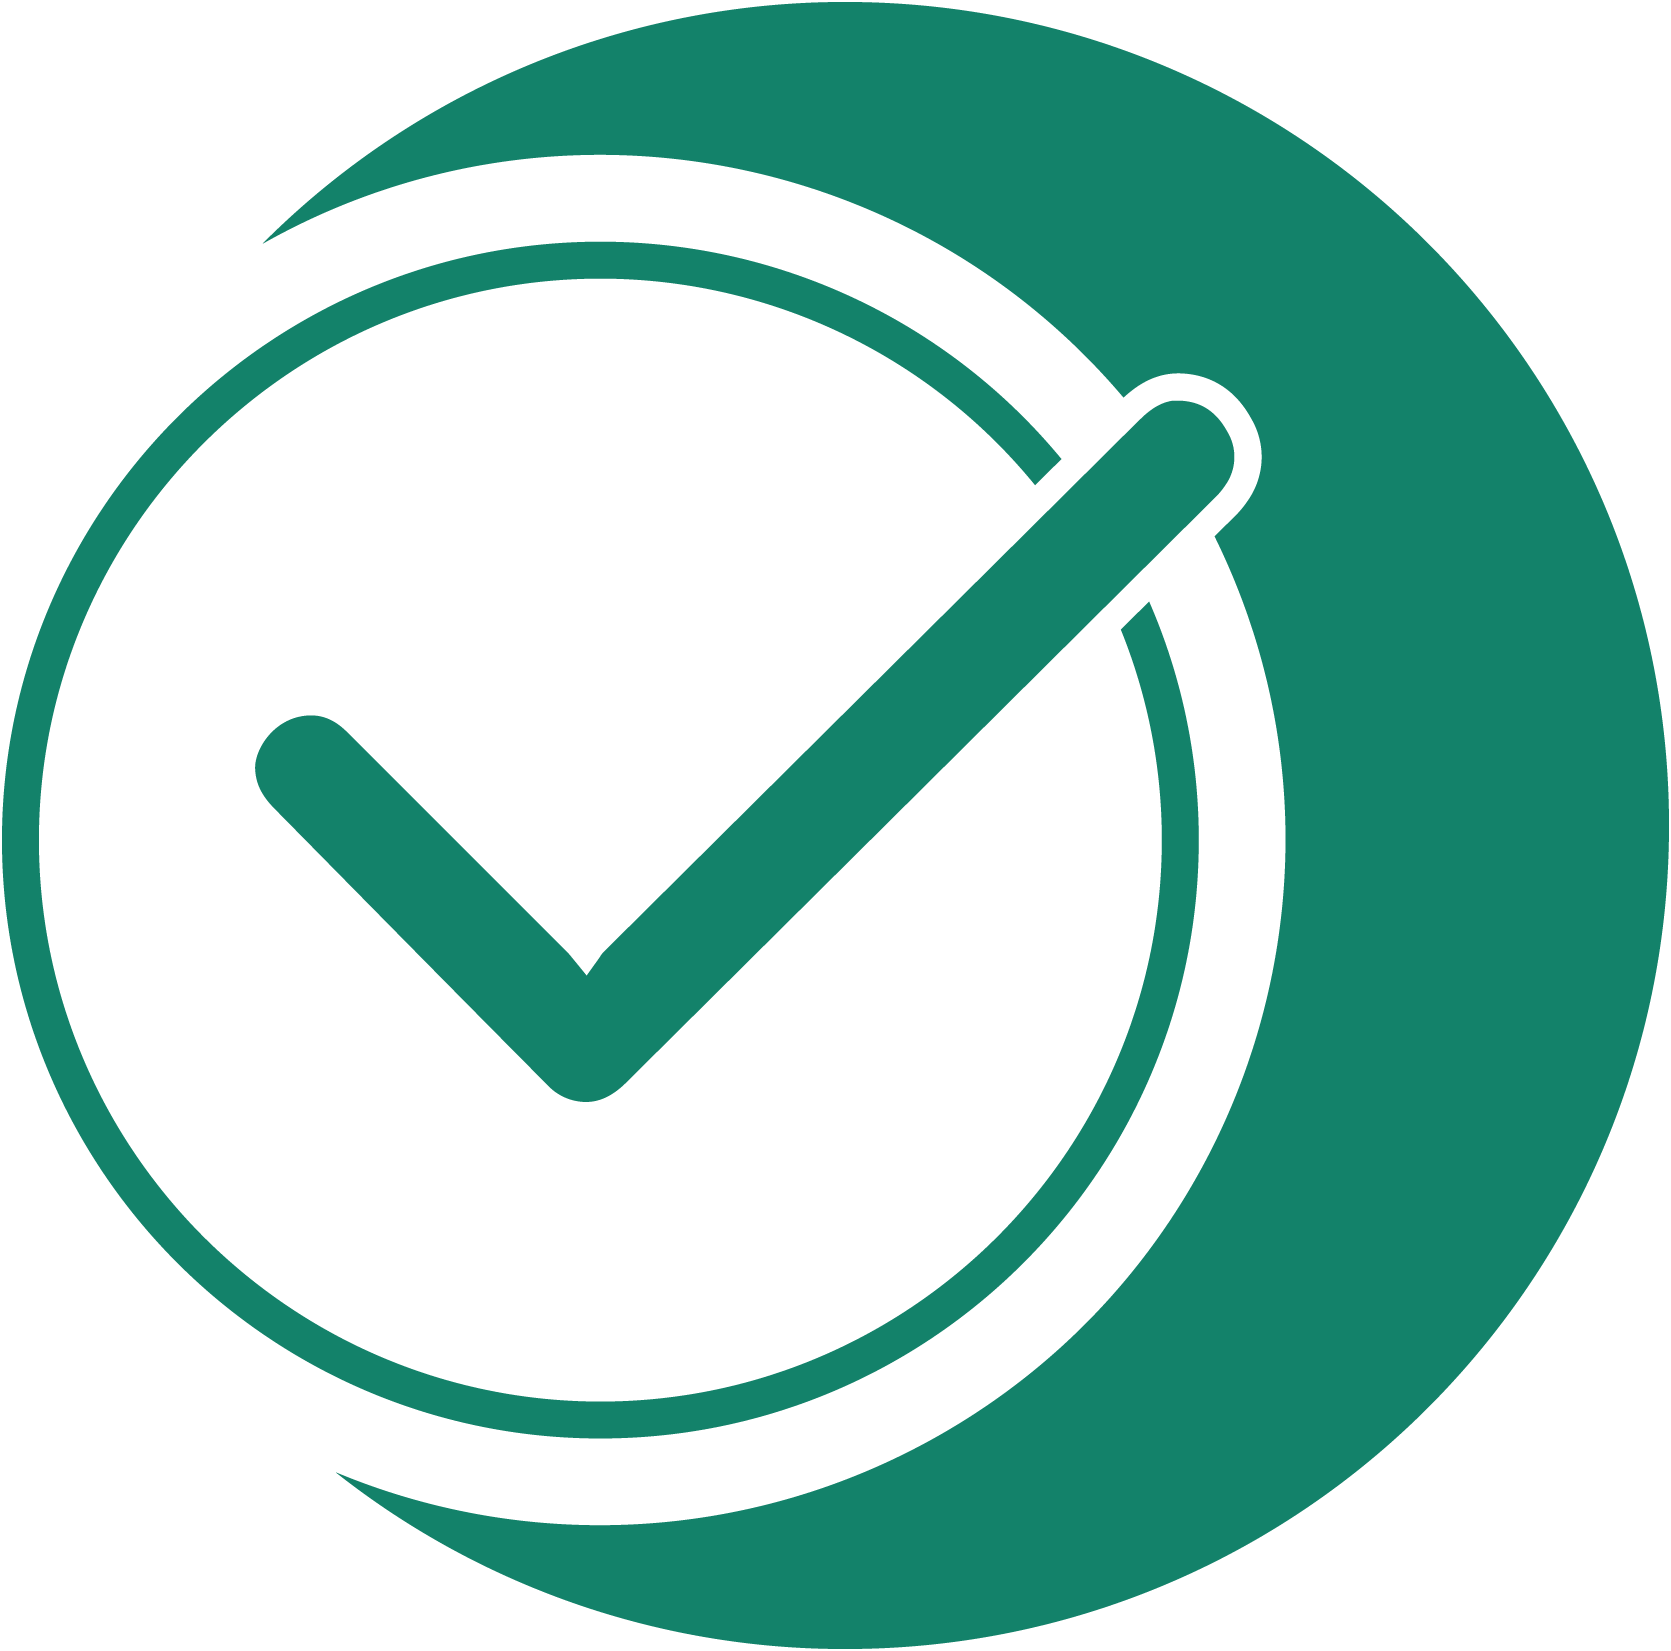 Gérez votre abonnement en toute simplicité !  Dès 12 mois choisissez de changer de produit, continuez ou arrêtez votre location  !